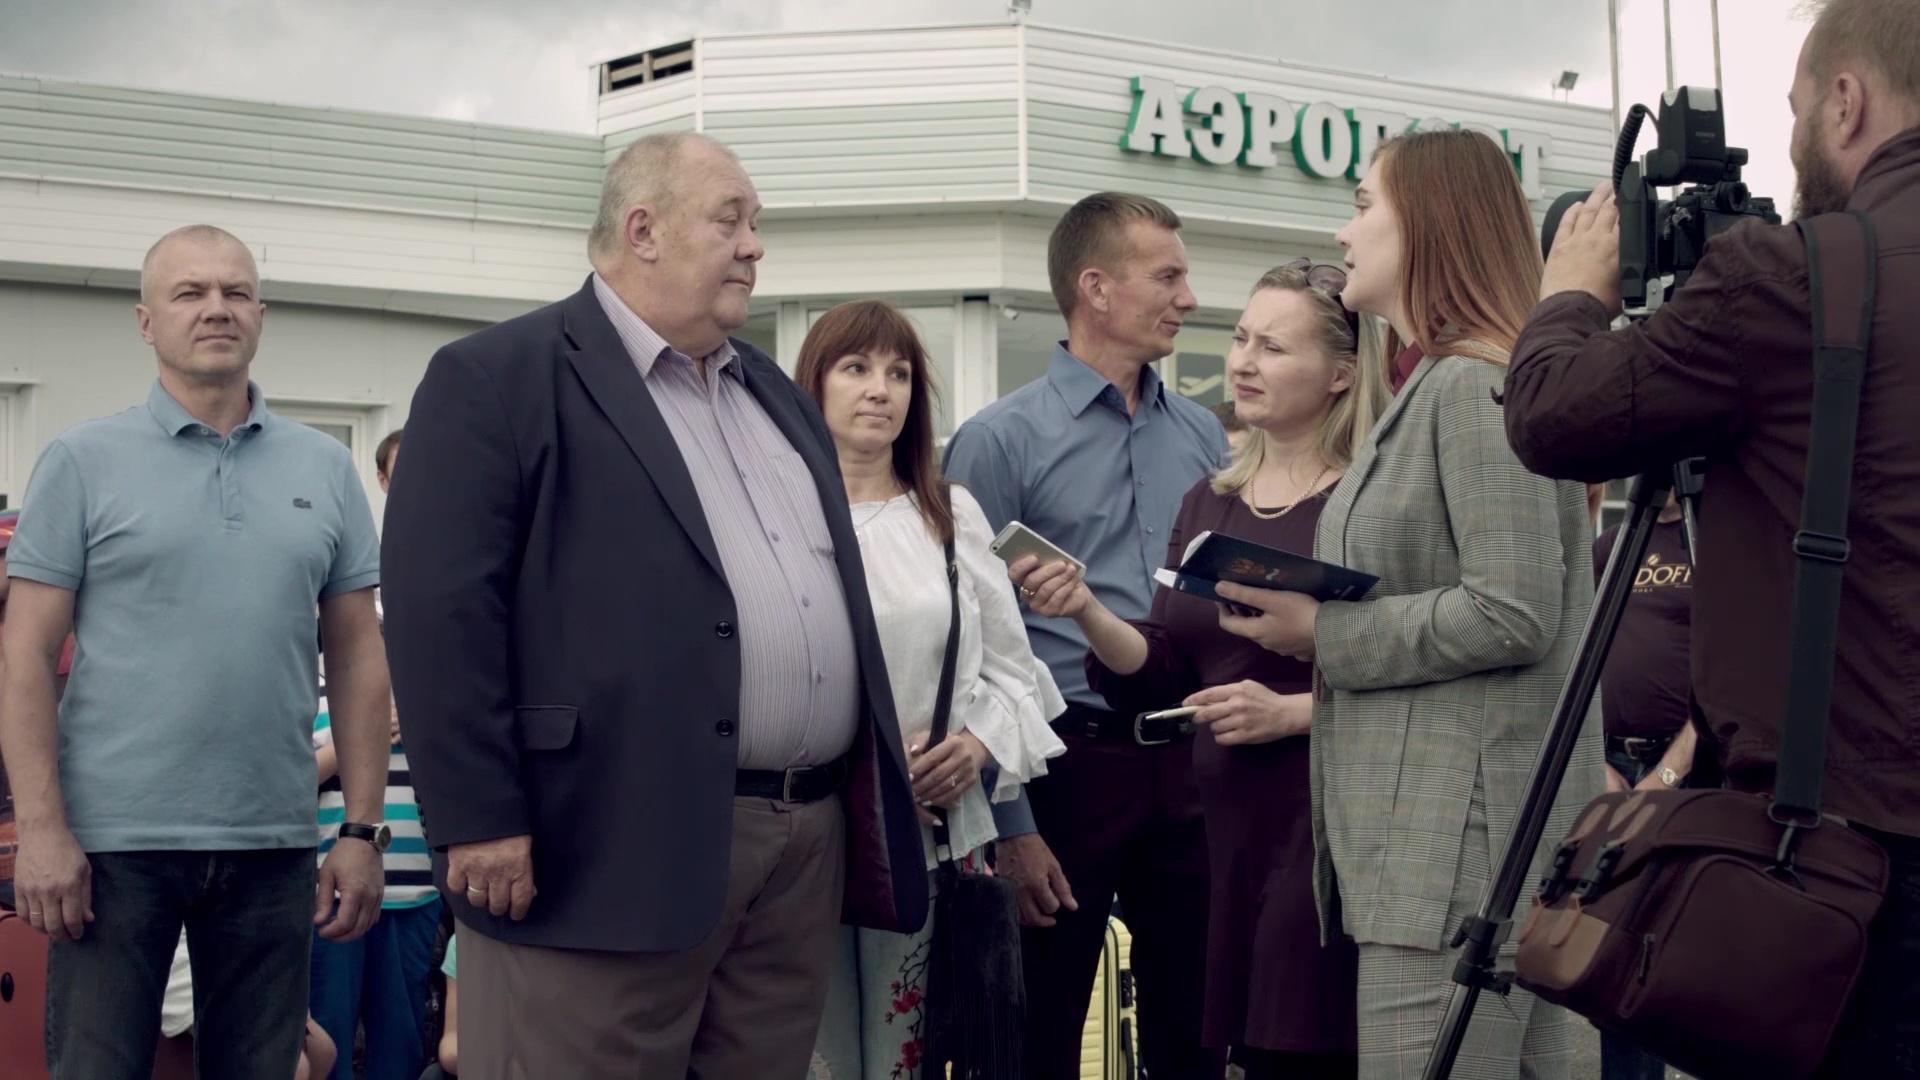 В Ярославле показали первую короткометражку от киножурнала «Компот»